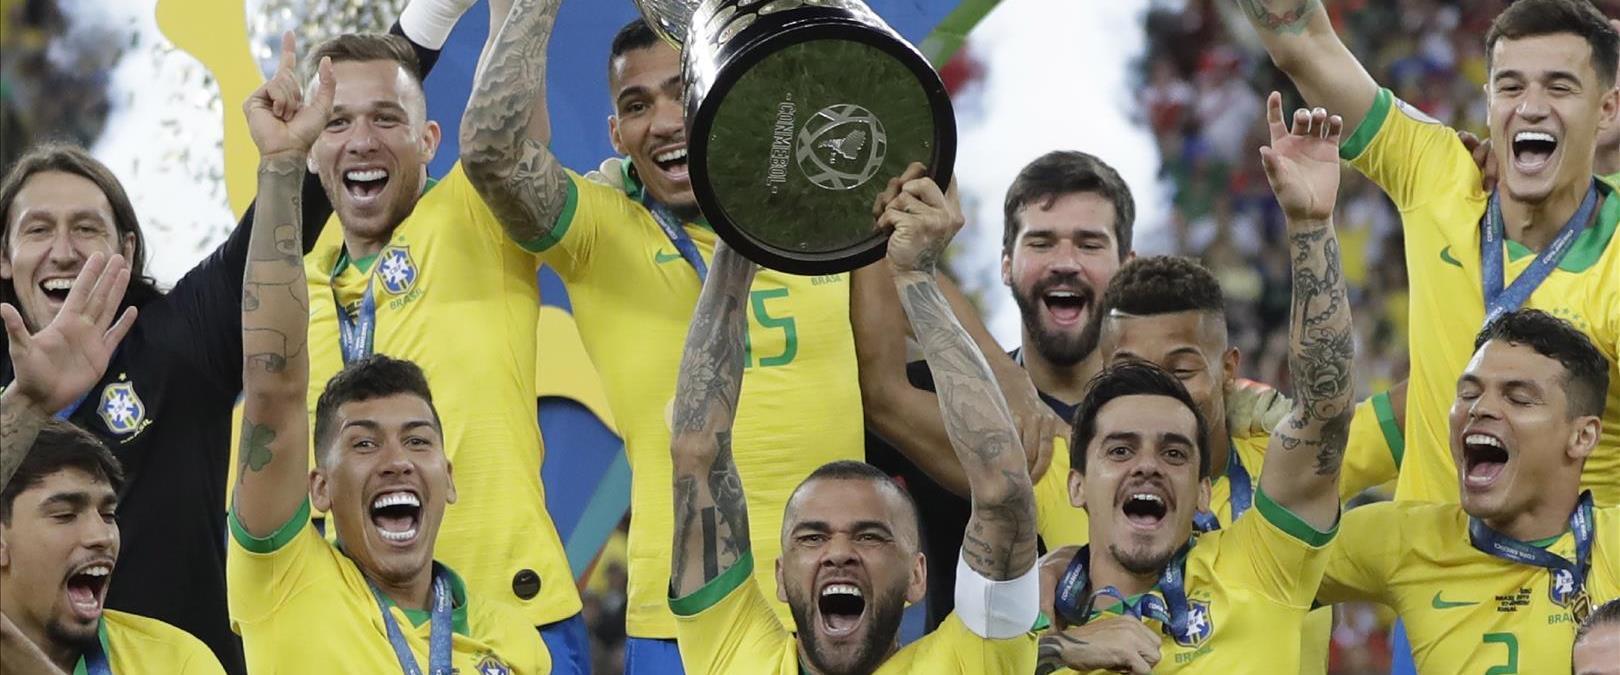 הנבחרת הברזילאית מניפה את הגביע